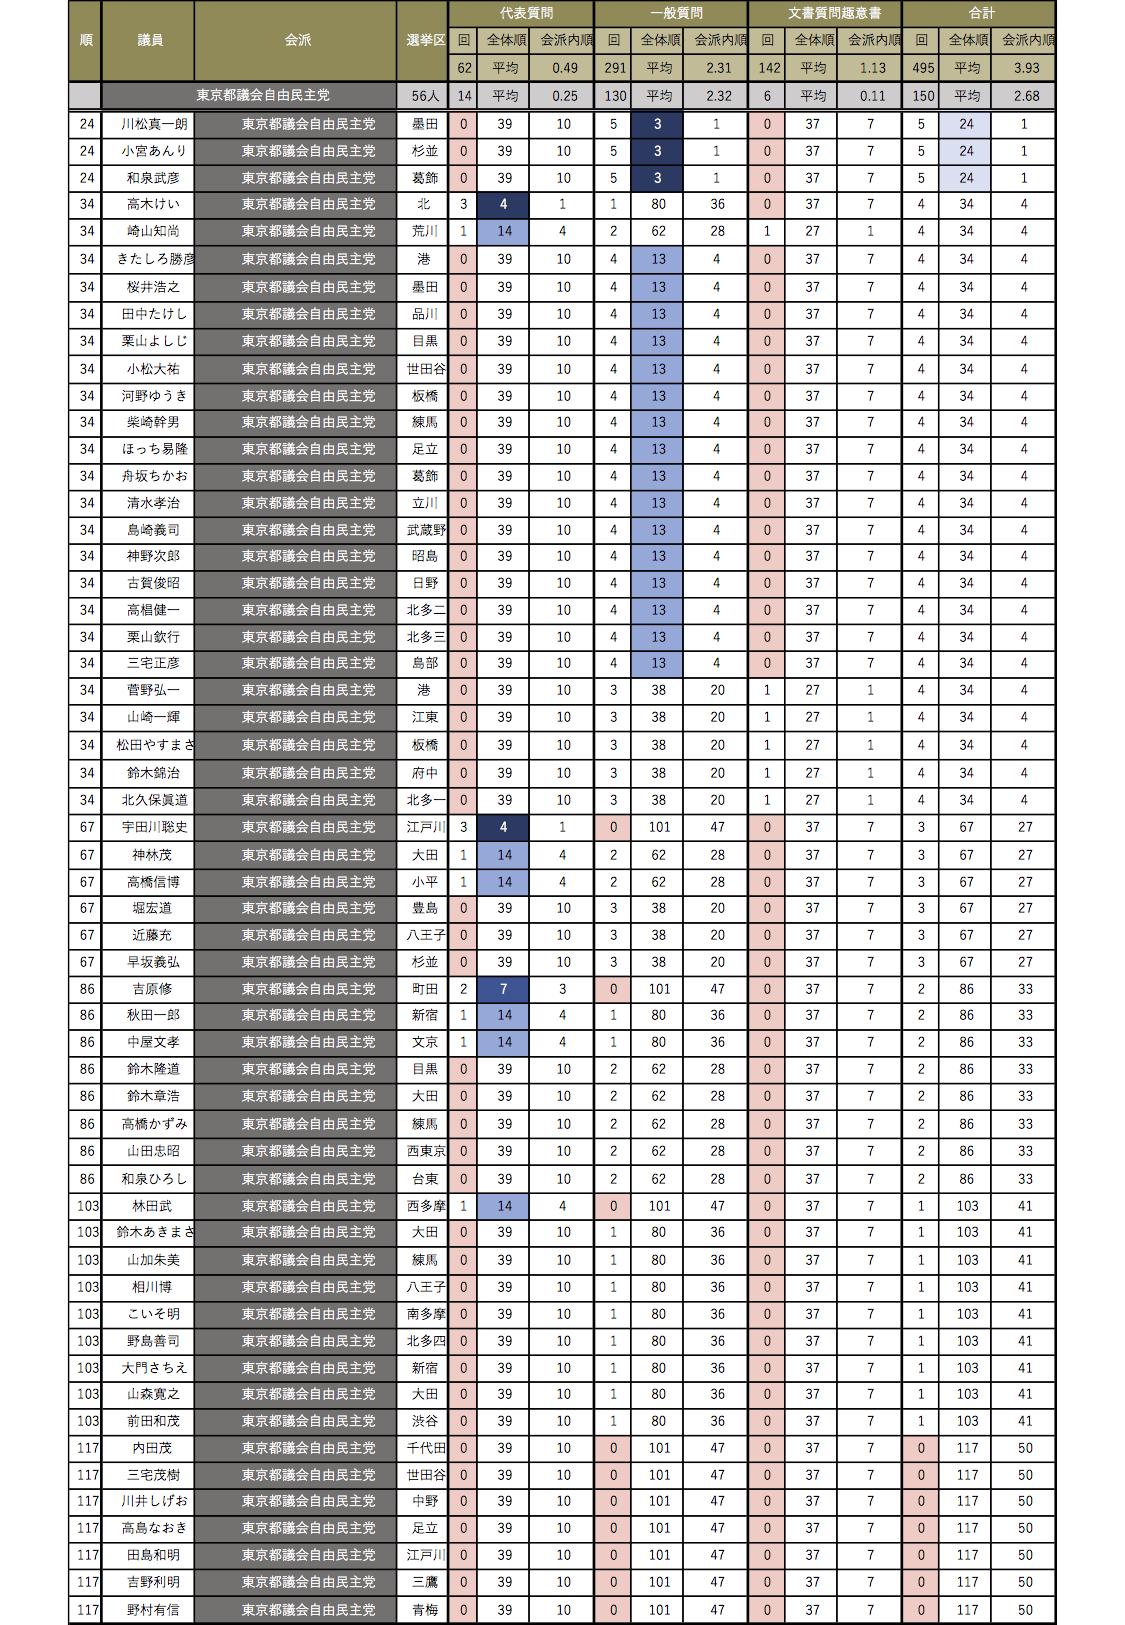 会派別都議会議員質問回数ランキング(東京都議会自由民主党)